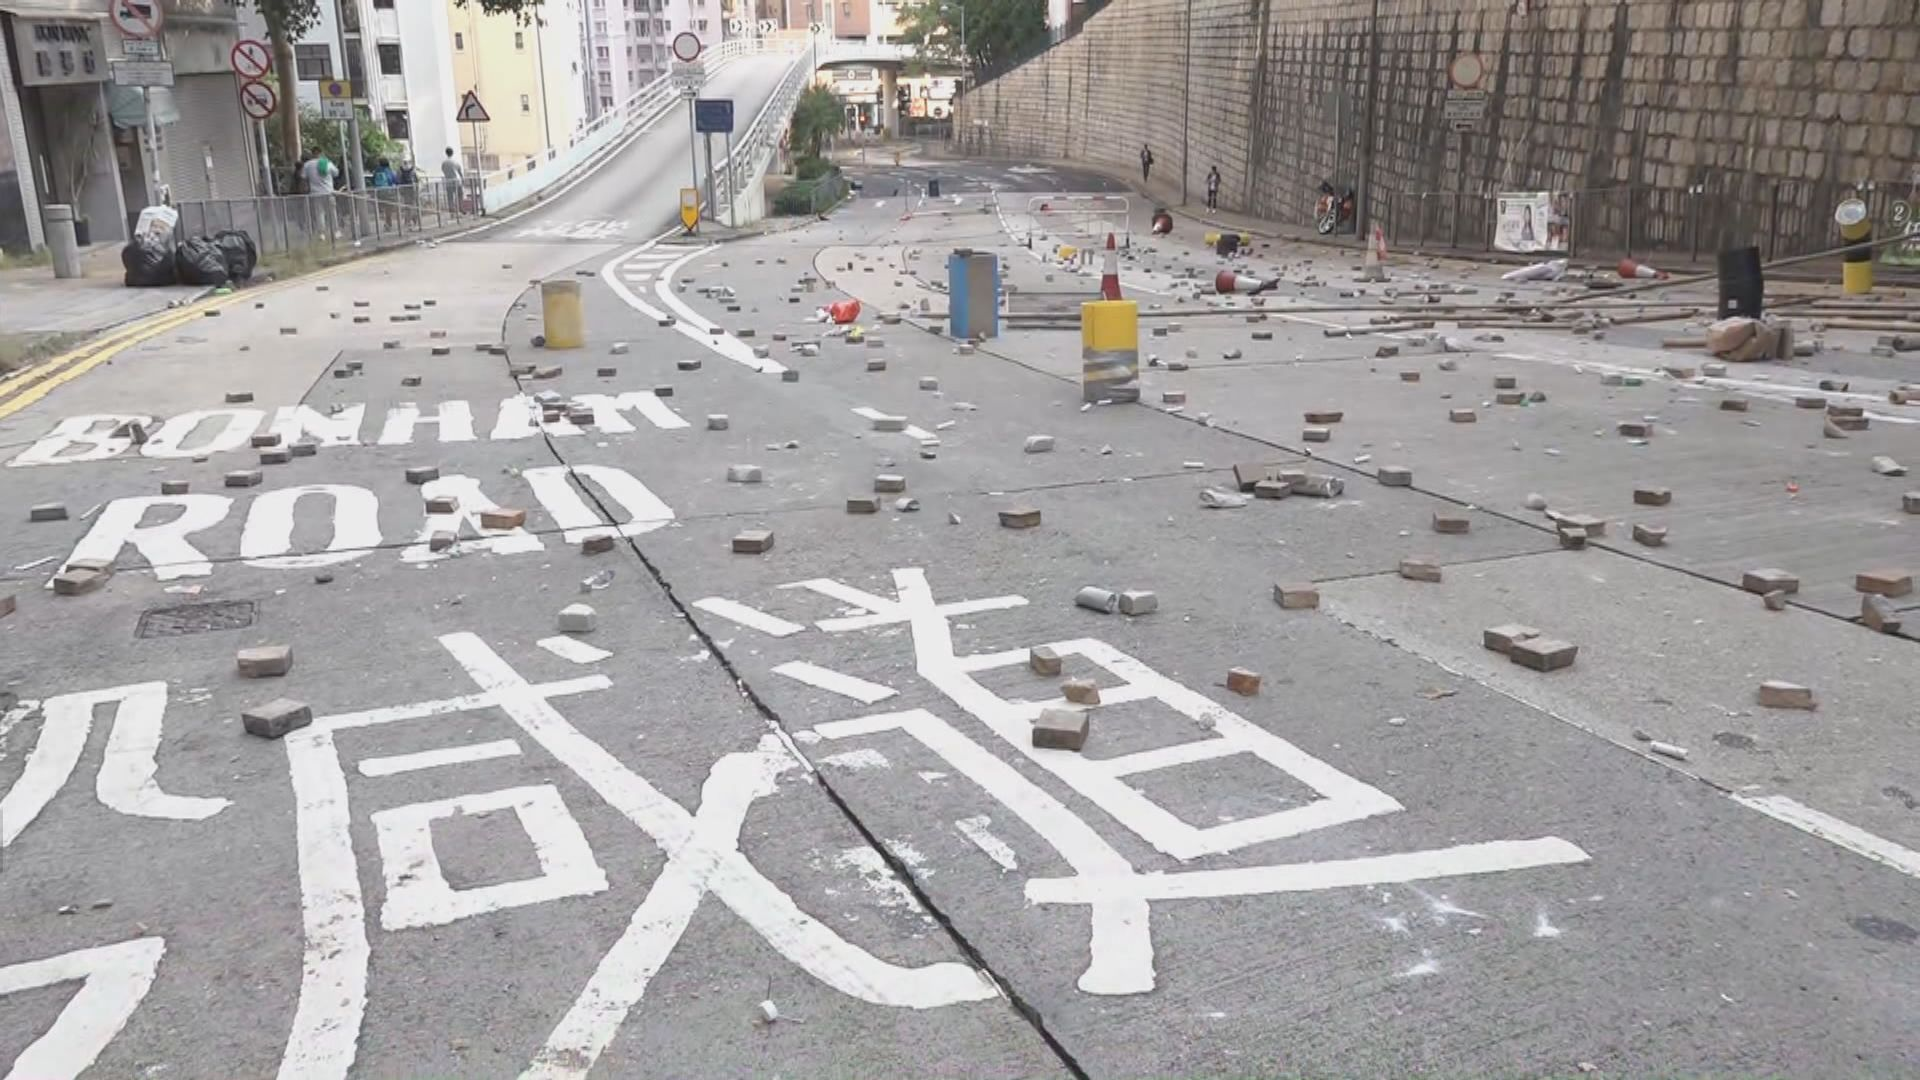 港大外薄扶林道大量雜物堆塞交通受阻